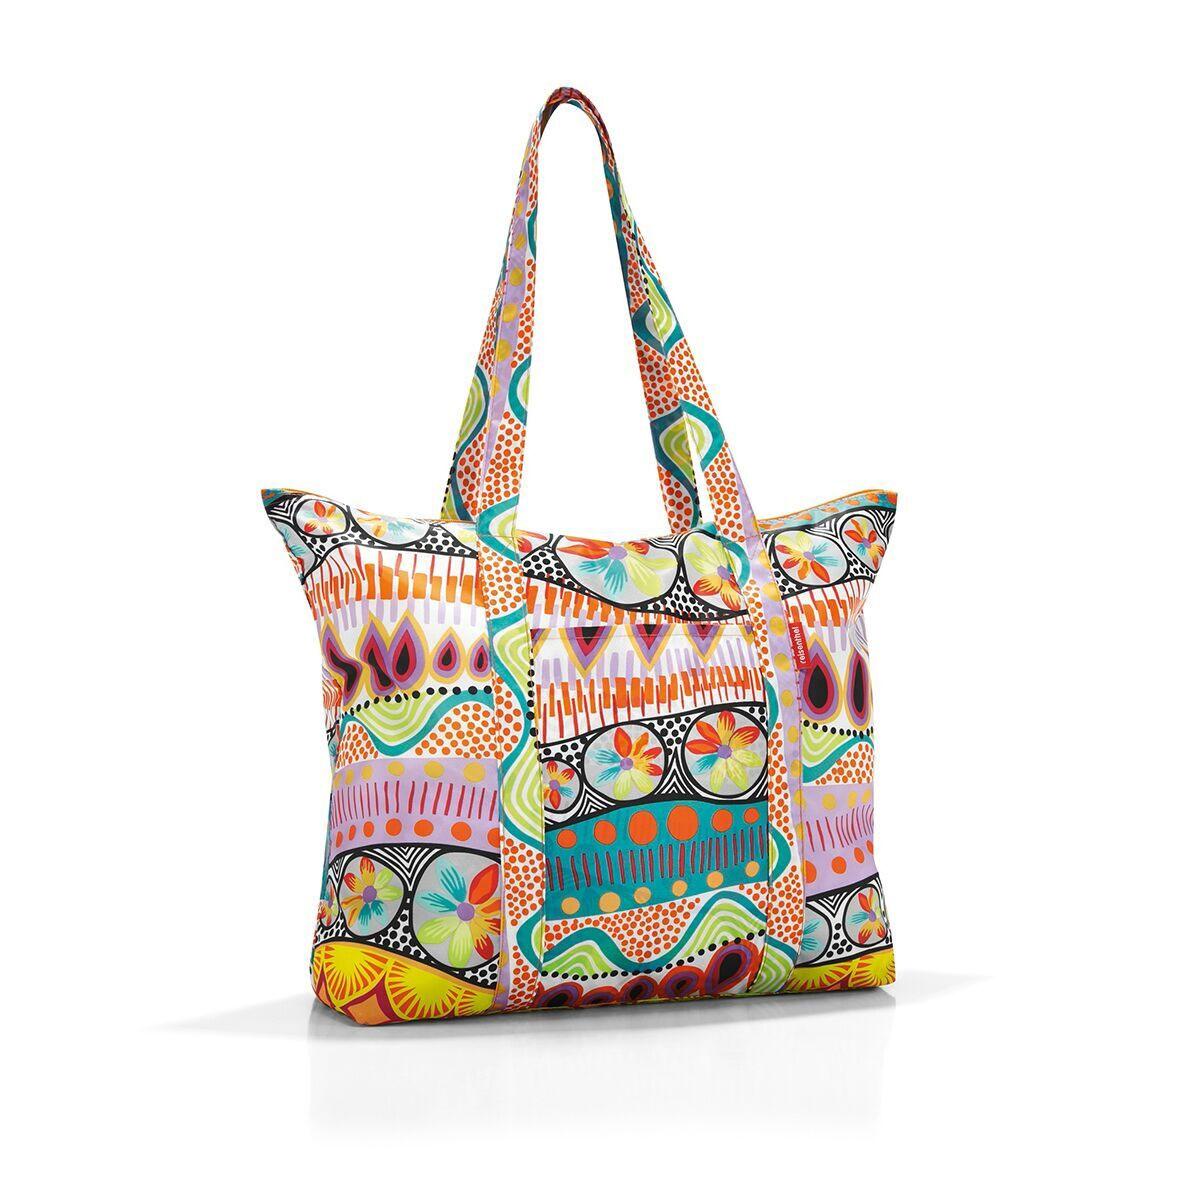 Сумка-шоппер женская Reisenthel, цвет: мультиколор. AE2020AE2020Идеальный компаньон для путешествий, ведь из поездки мы всегда возвращаемся со множеством сувениров и покупок. Так что еще одна сумка пригодится. Она легко складывается в маленький чехол, которые можно взять с собой в сумке или рюкзаке. Так же можно использовать для похода за продуктами. Внутренний объем сумки - 25 литров. Есть просторный внешний карман для мелочей.